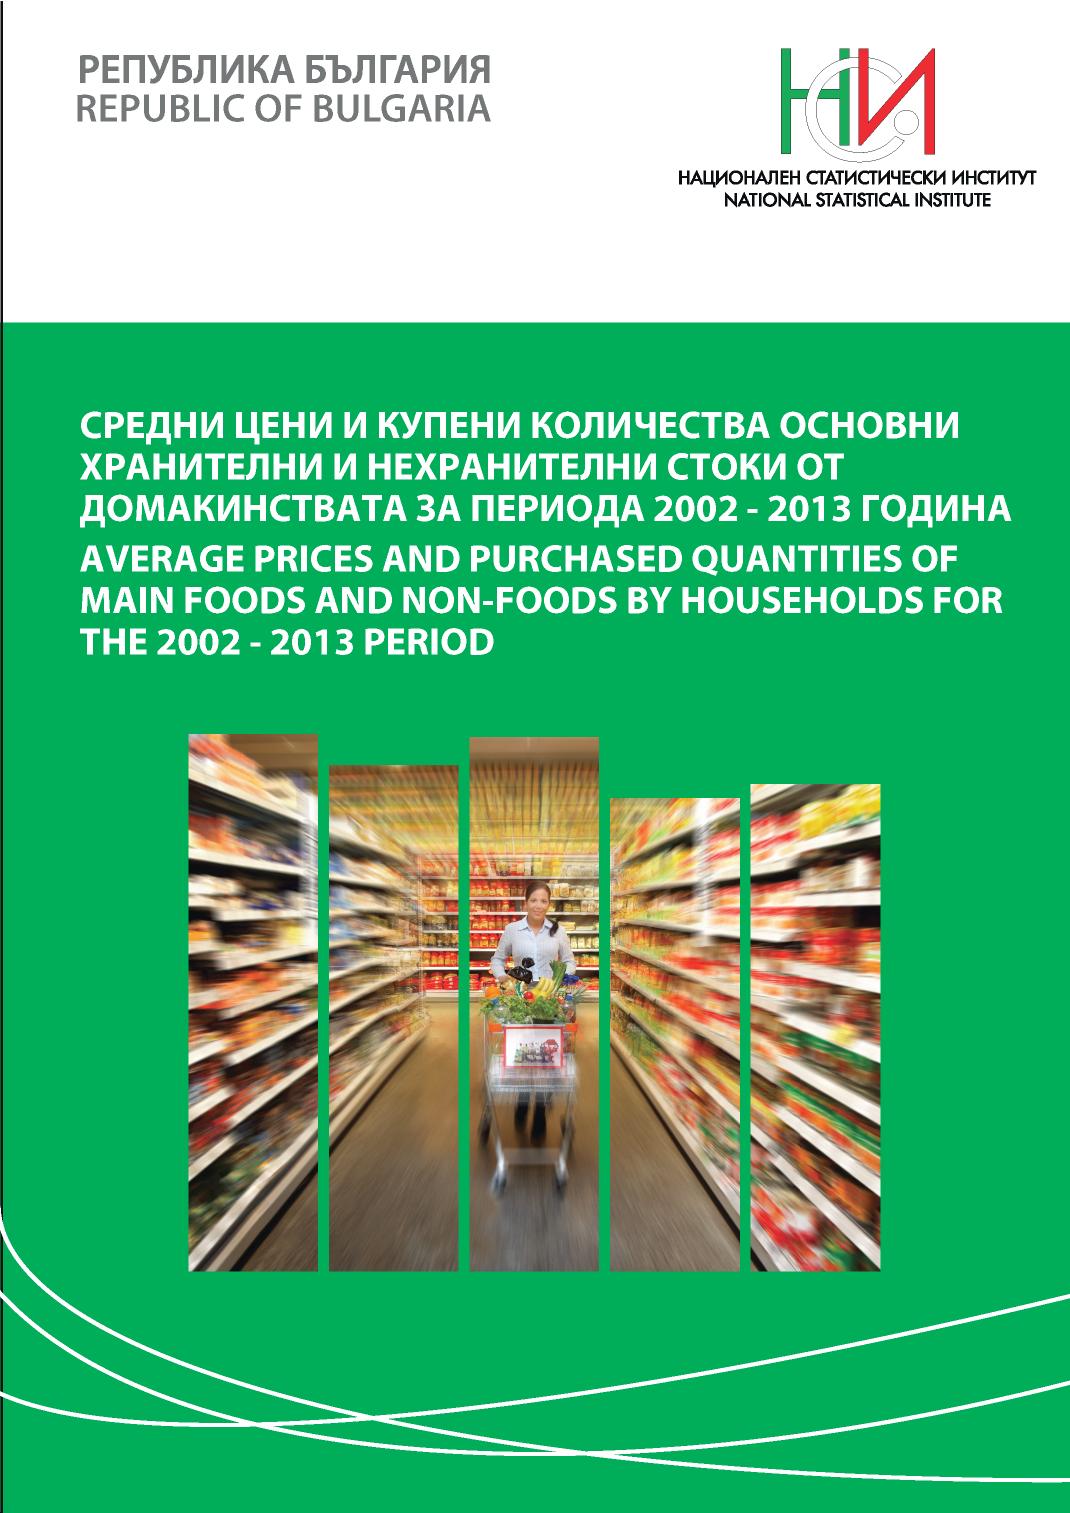 Средни цени и купени количества основни хранителни и нехранителни стоки от домакинствата за периода 2002 - 2013 година